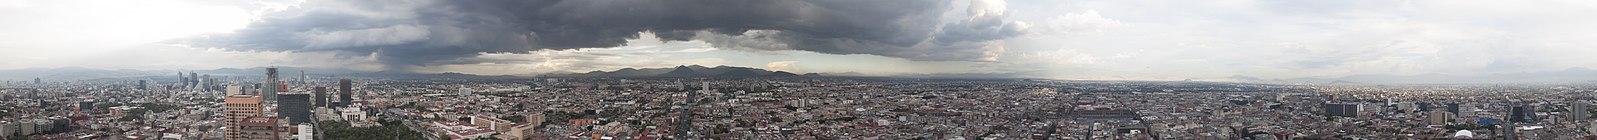 Torre LatinoAmericana Panoramic View